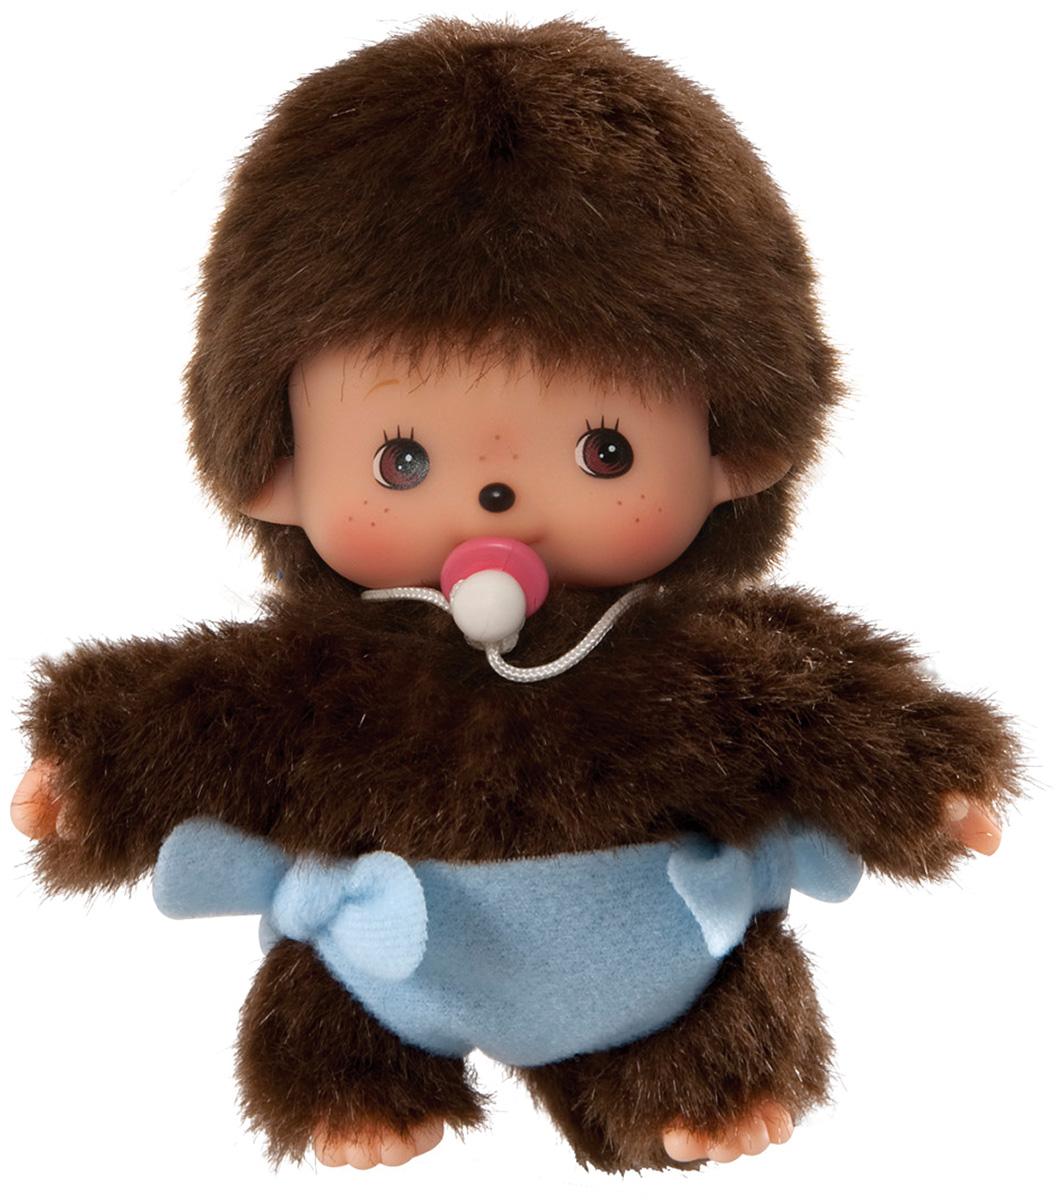 """Мягкая игрушка Monchhichi Bebichhichi """"Мальчик в подгузнике"""", 15 см"""